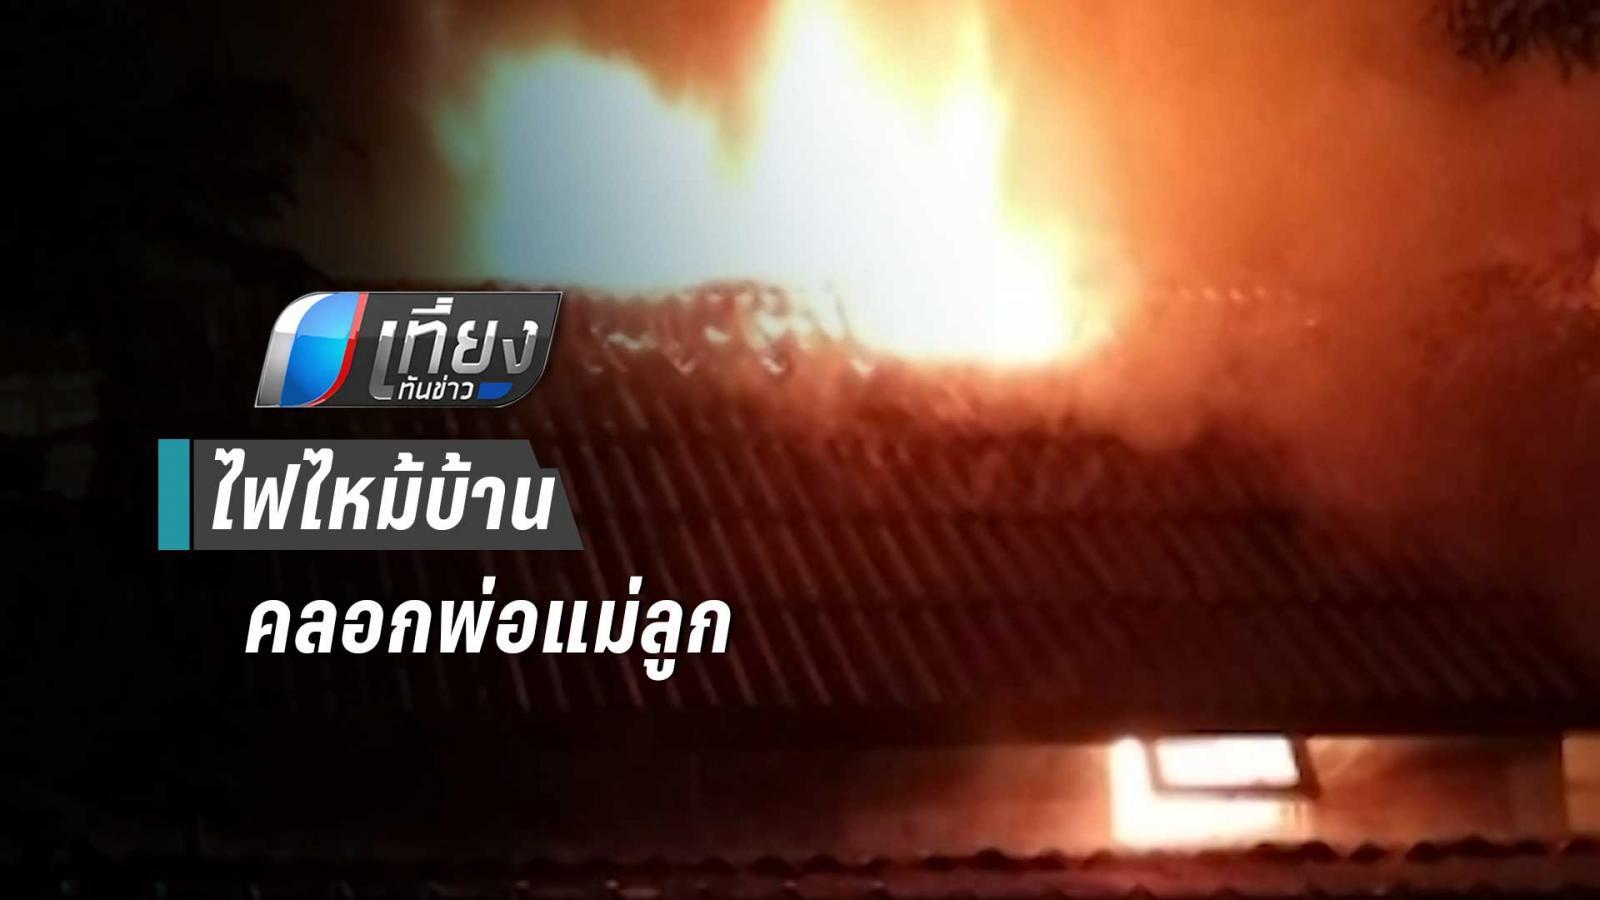 เชียงใหม่ ไฟไหม้บ้านคลอก 3 ศพ พ่อแม่ลูก